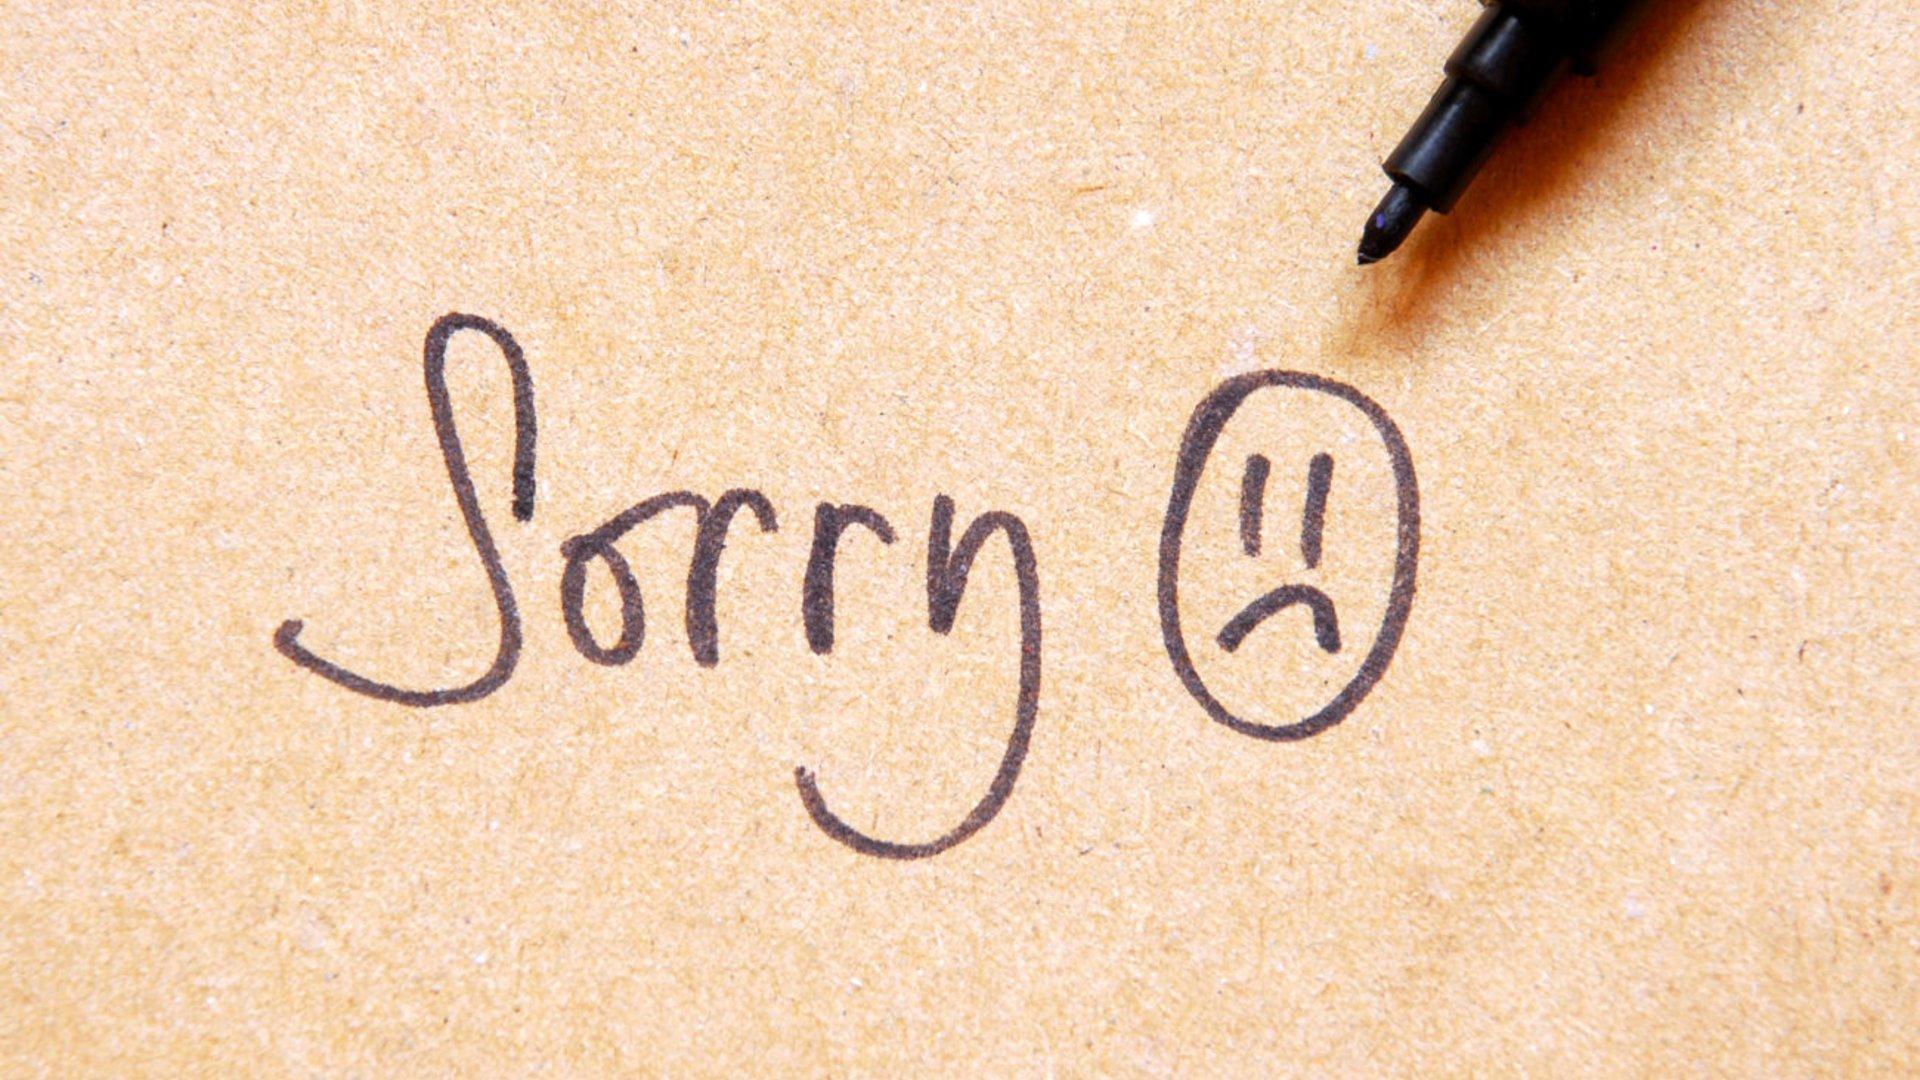 Für freundin entschuldigungsschreiben Entschuldigungsbriefe Liebe